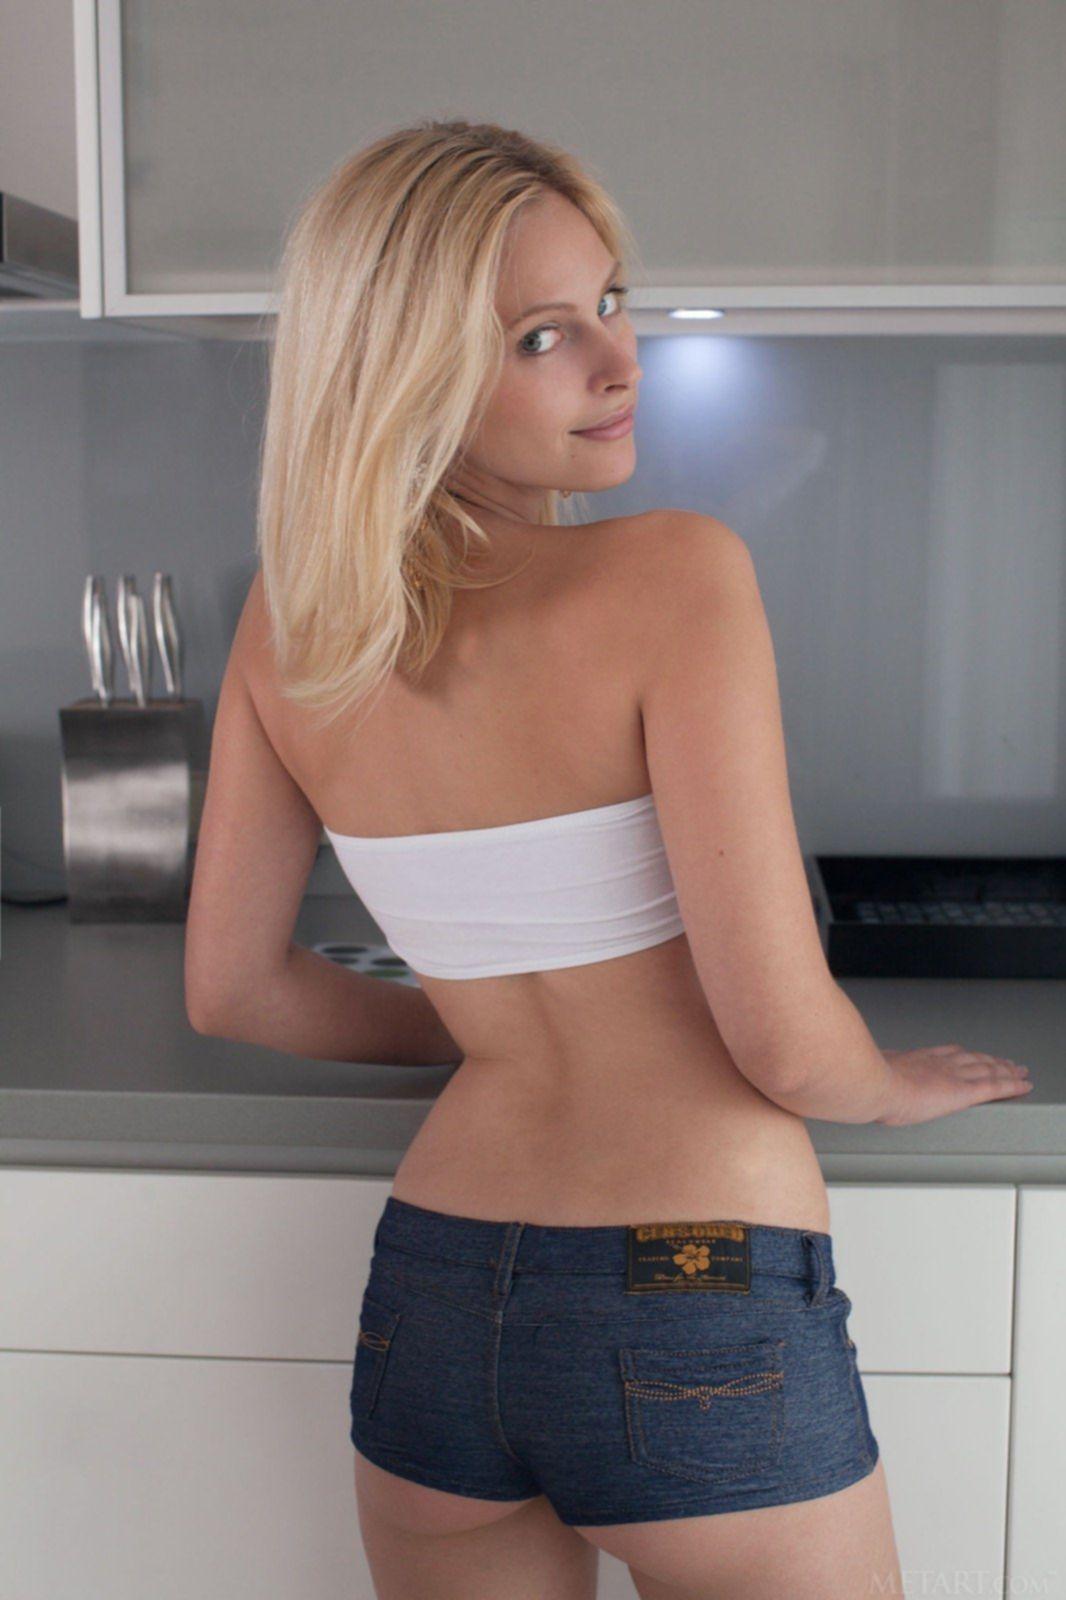 Блондинка показала красивую попку и сиськи - фото